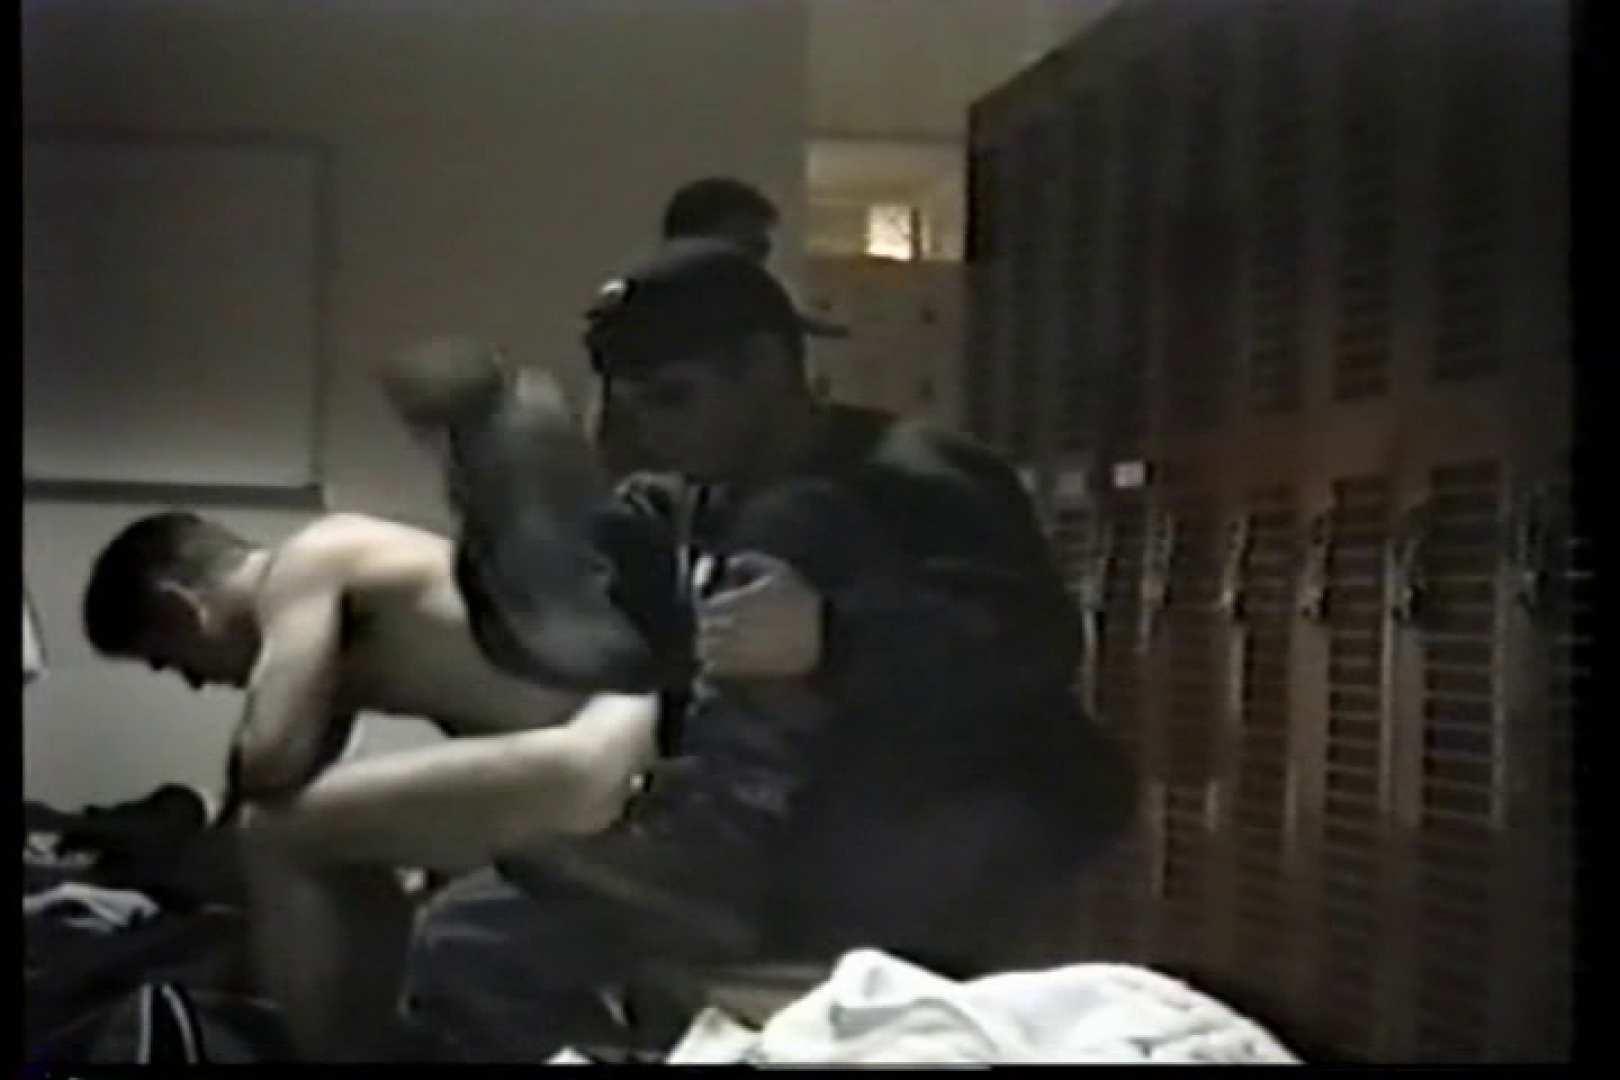 洋人さんの脱衣所を覗いてみました。VOL.3 男・男・男 男同士動画 92枚 32